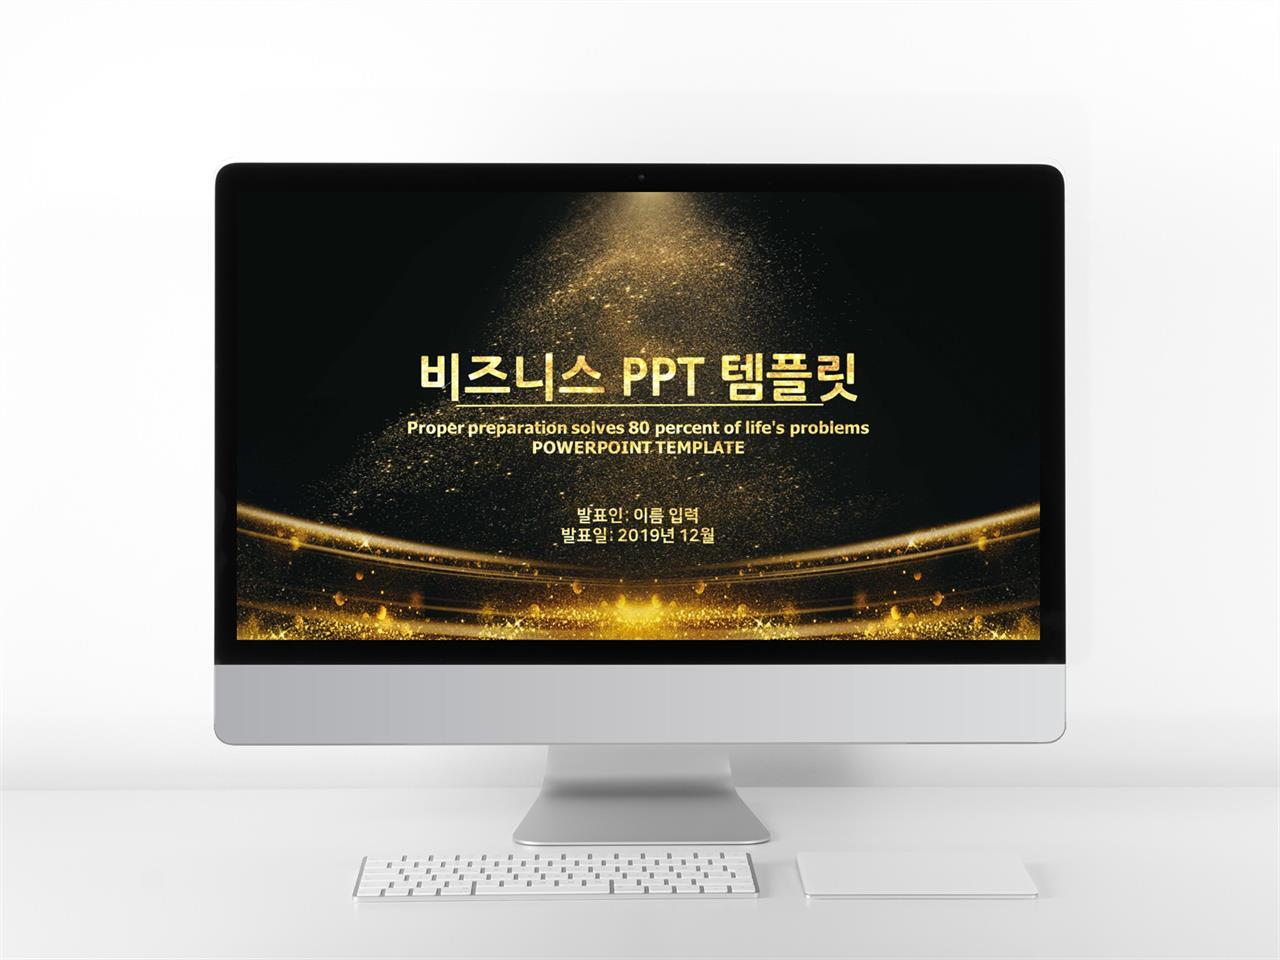 상업계획 노랑색 아담한 고급스럽운 POWERPOINT템플릿 사이트 미리보기